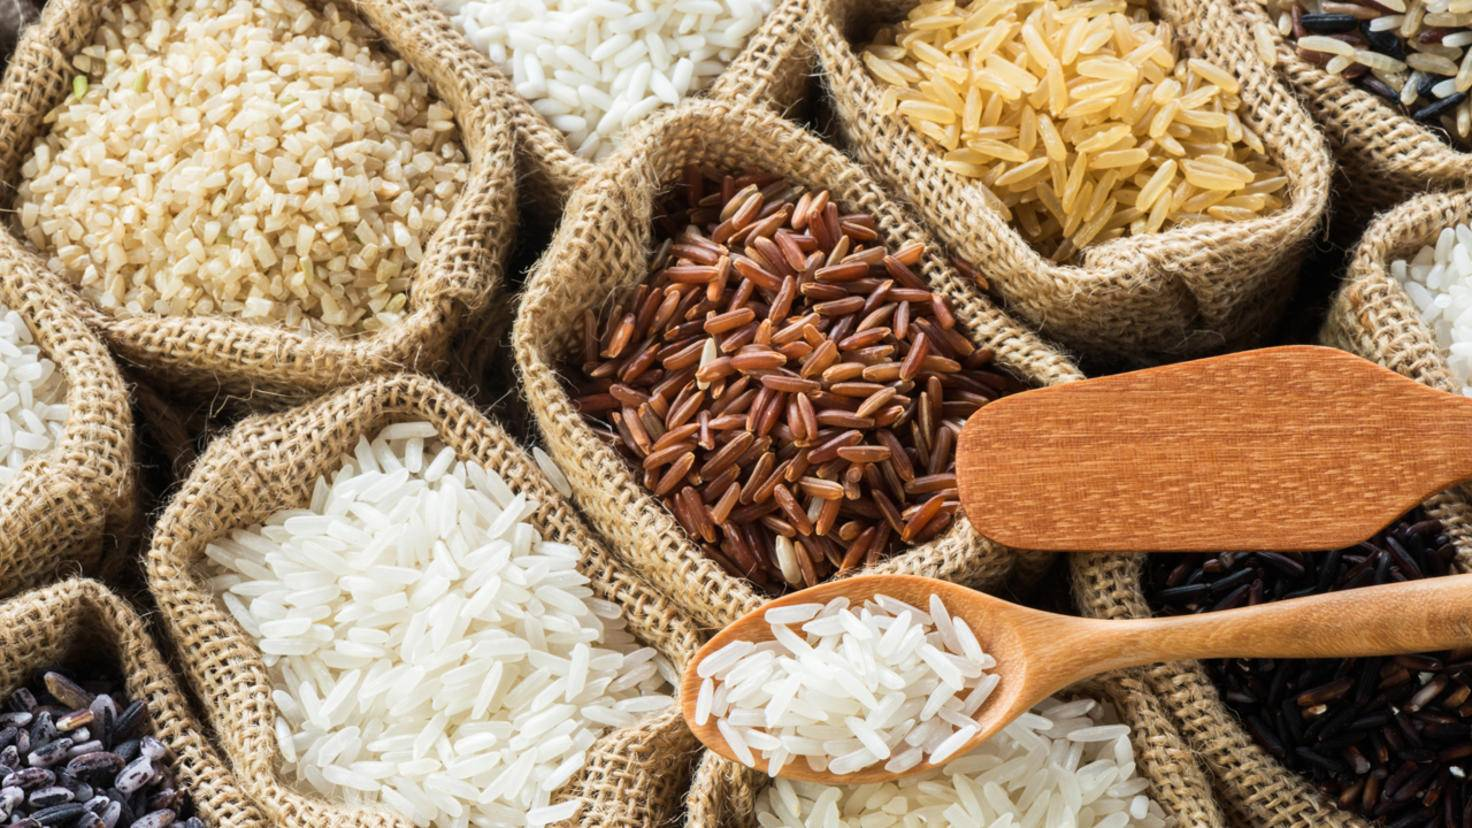 Weiße Reissorten haben eine fast unendliche Haltbarkeit. Brauner Reis sollte hingegen zügig aufgebraucht werden.